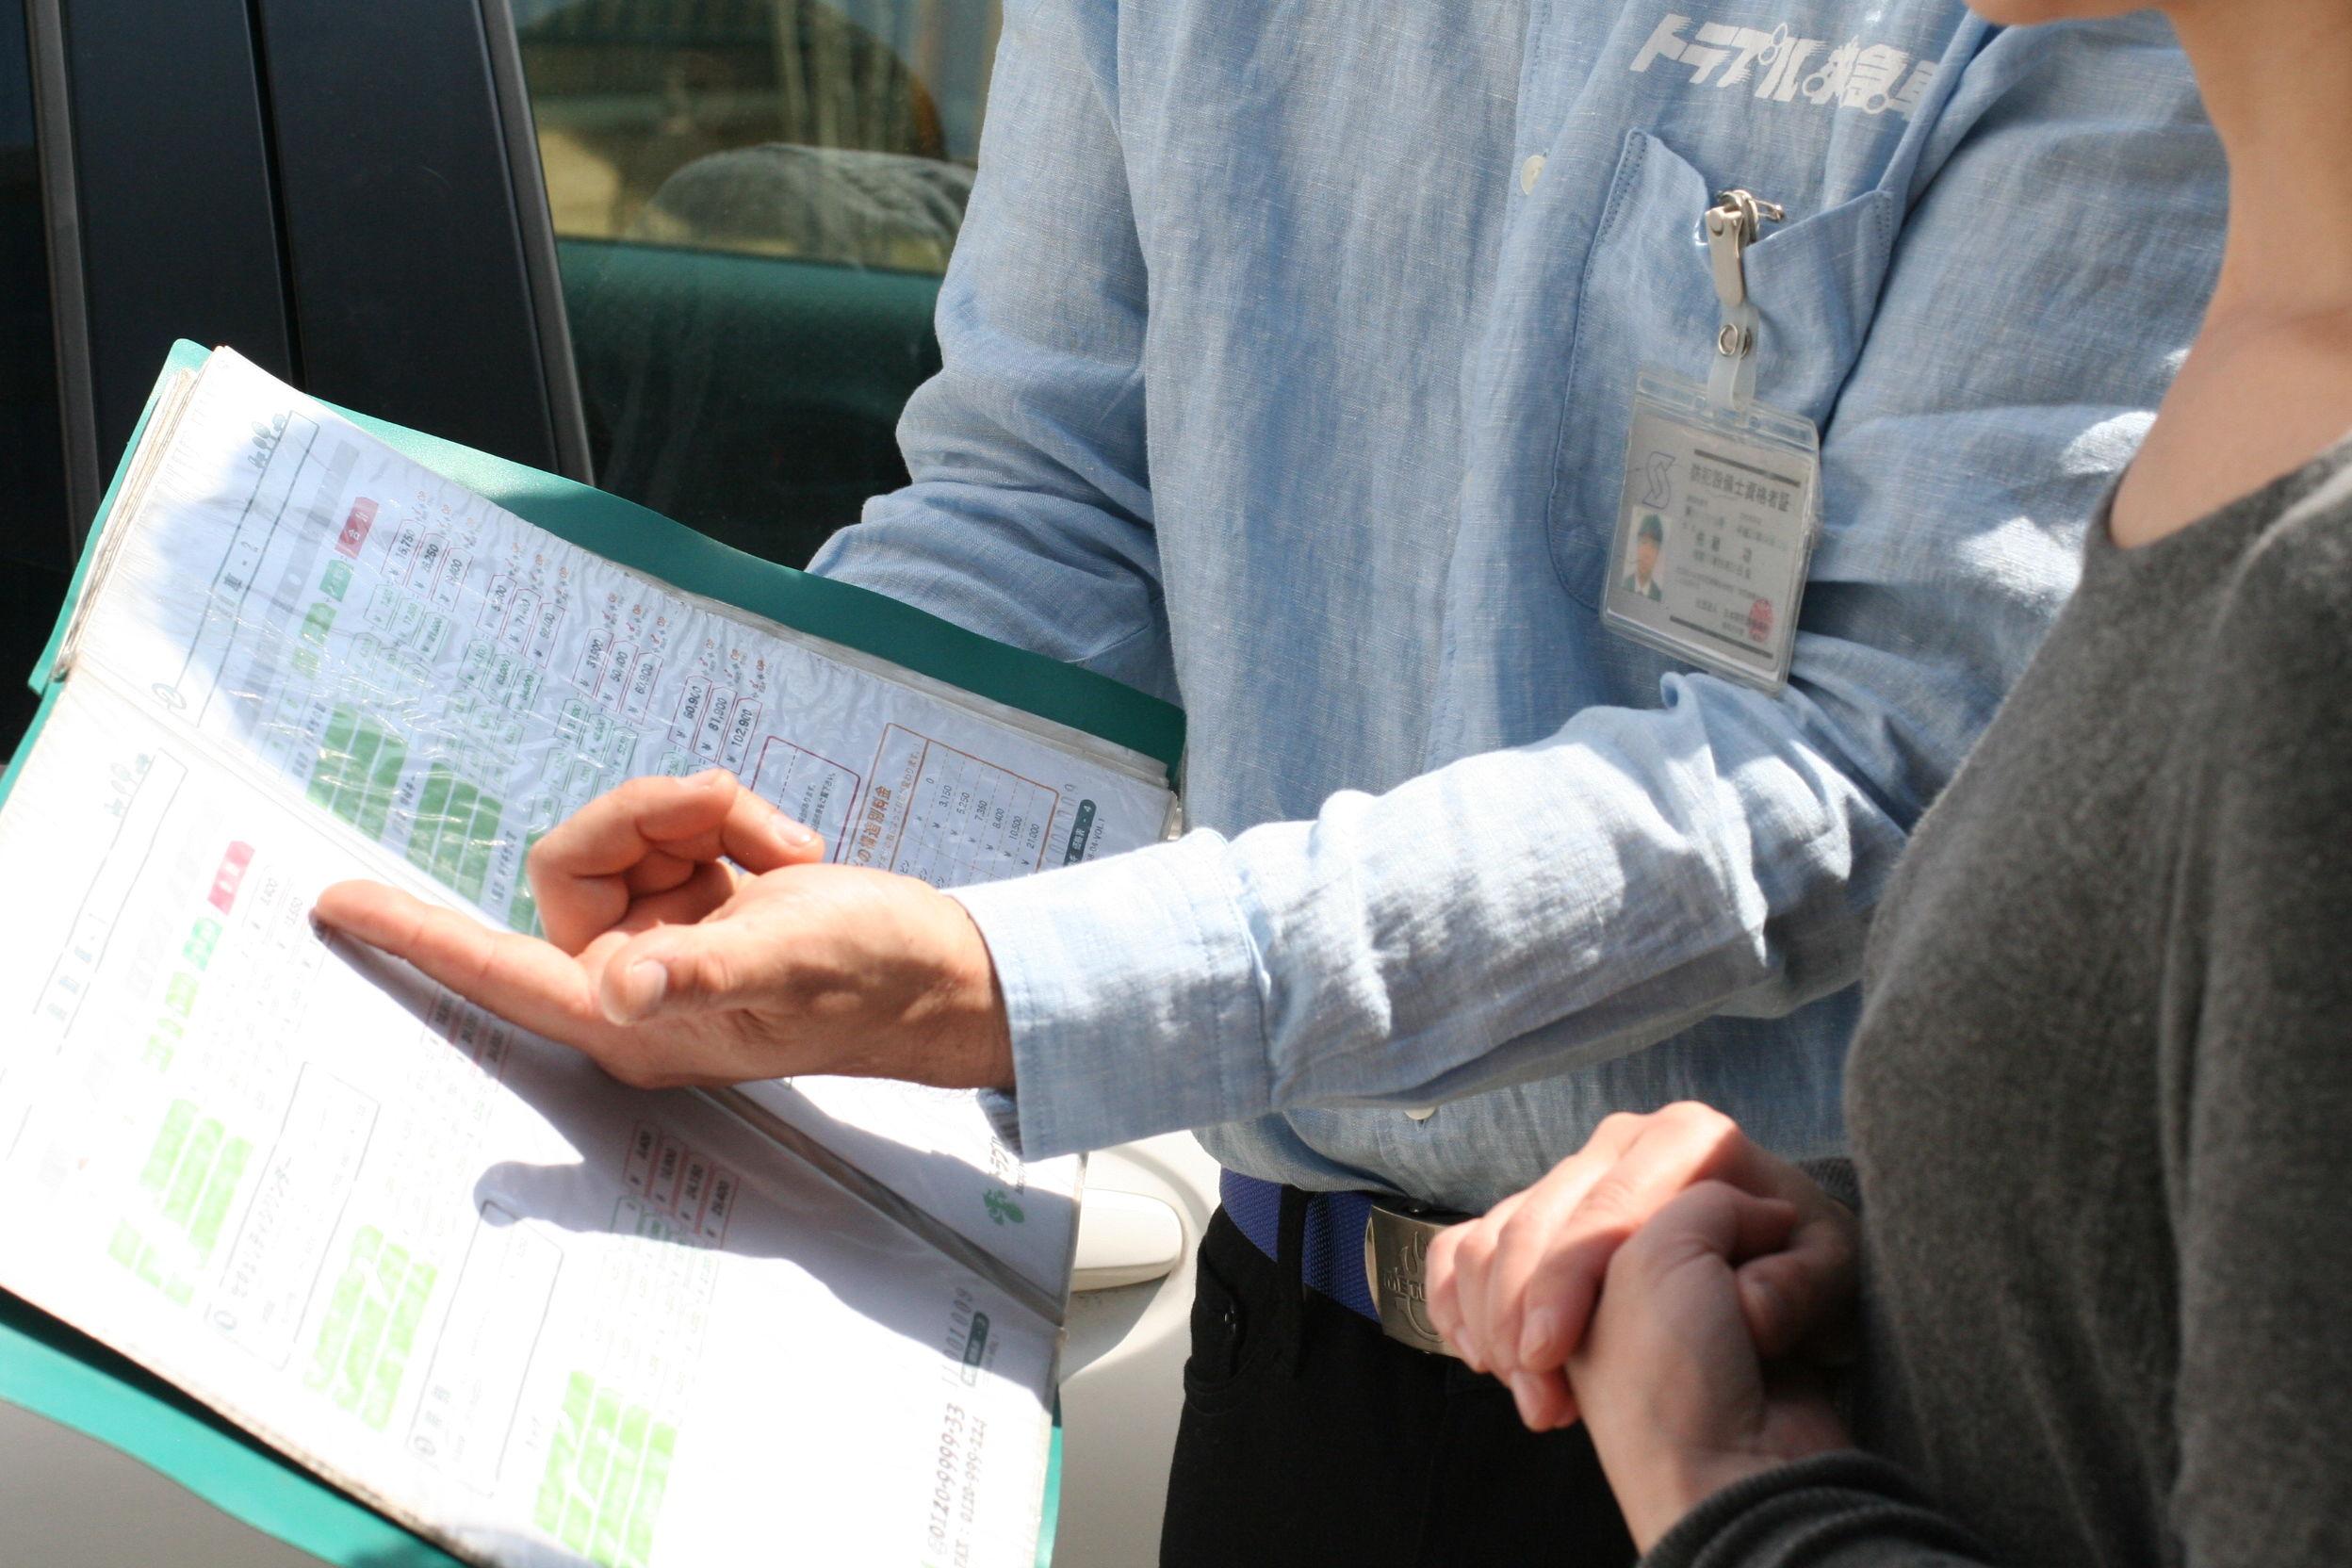 カギのトラブル救急車【蒲郡市 出張エリア】のメイン画像